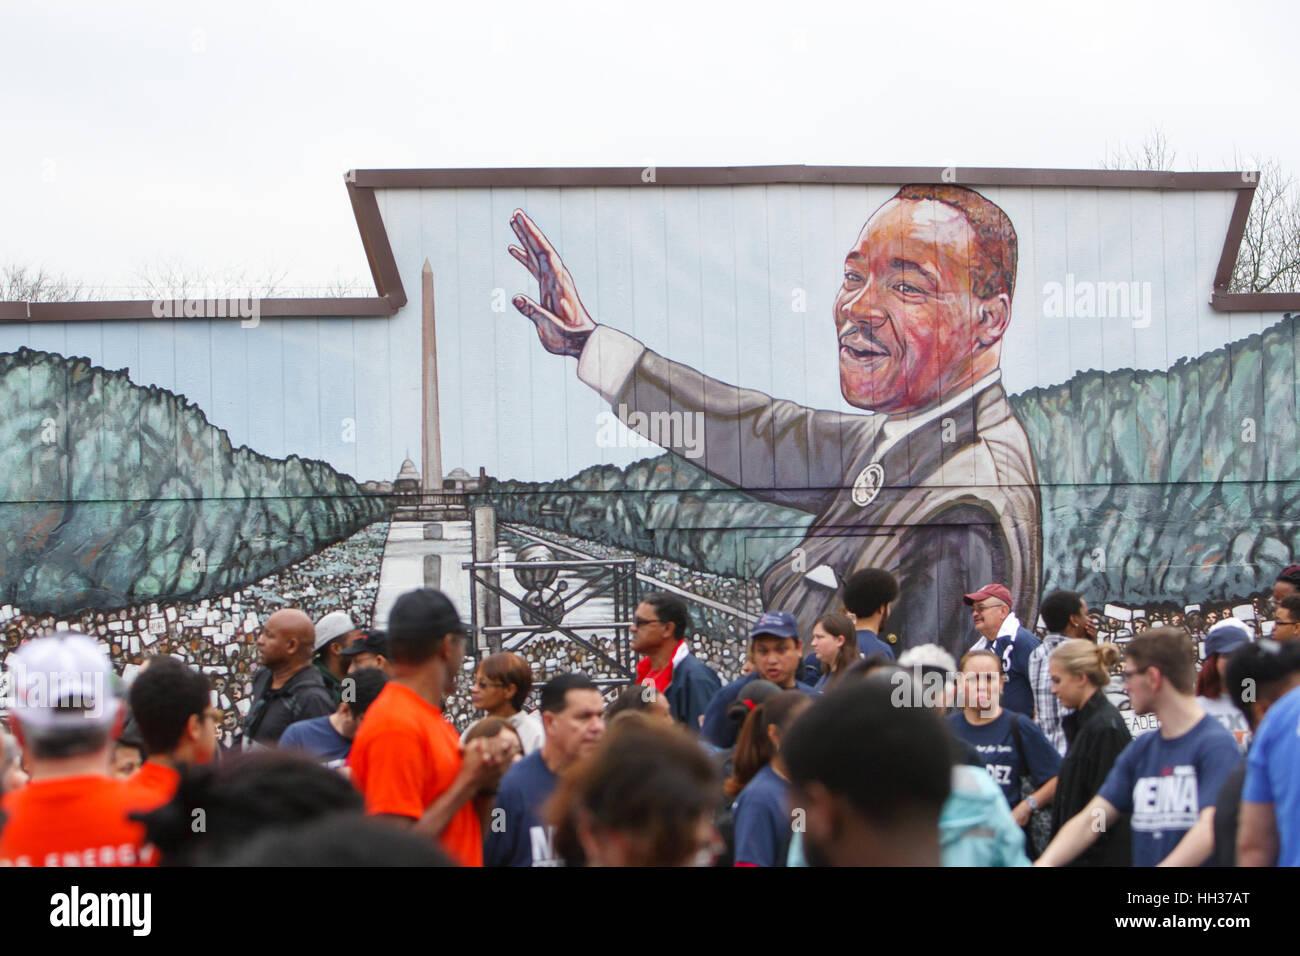 San Antonio, États-Unis d'Amérique. 16 janvier, 2017. Les manifestants sont devant une peinture murale Photo Stock